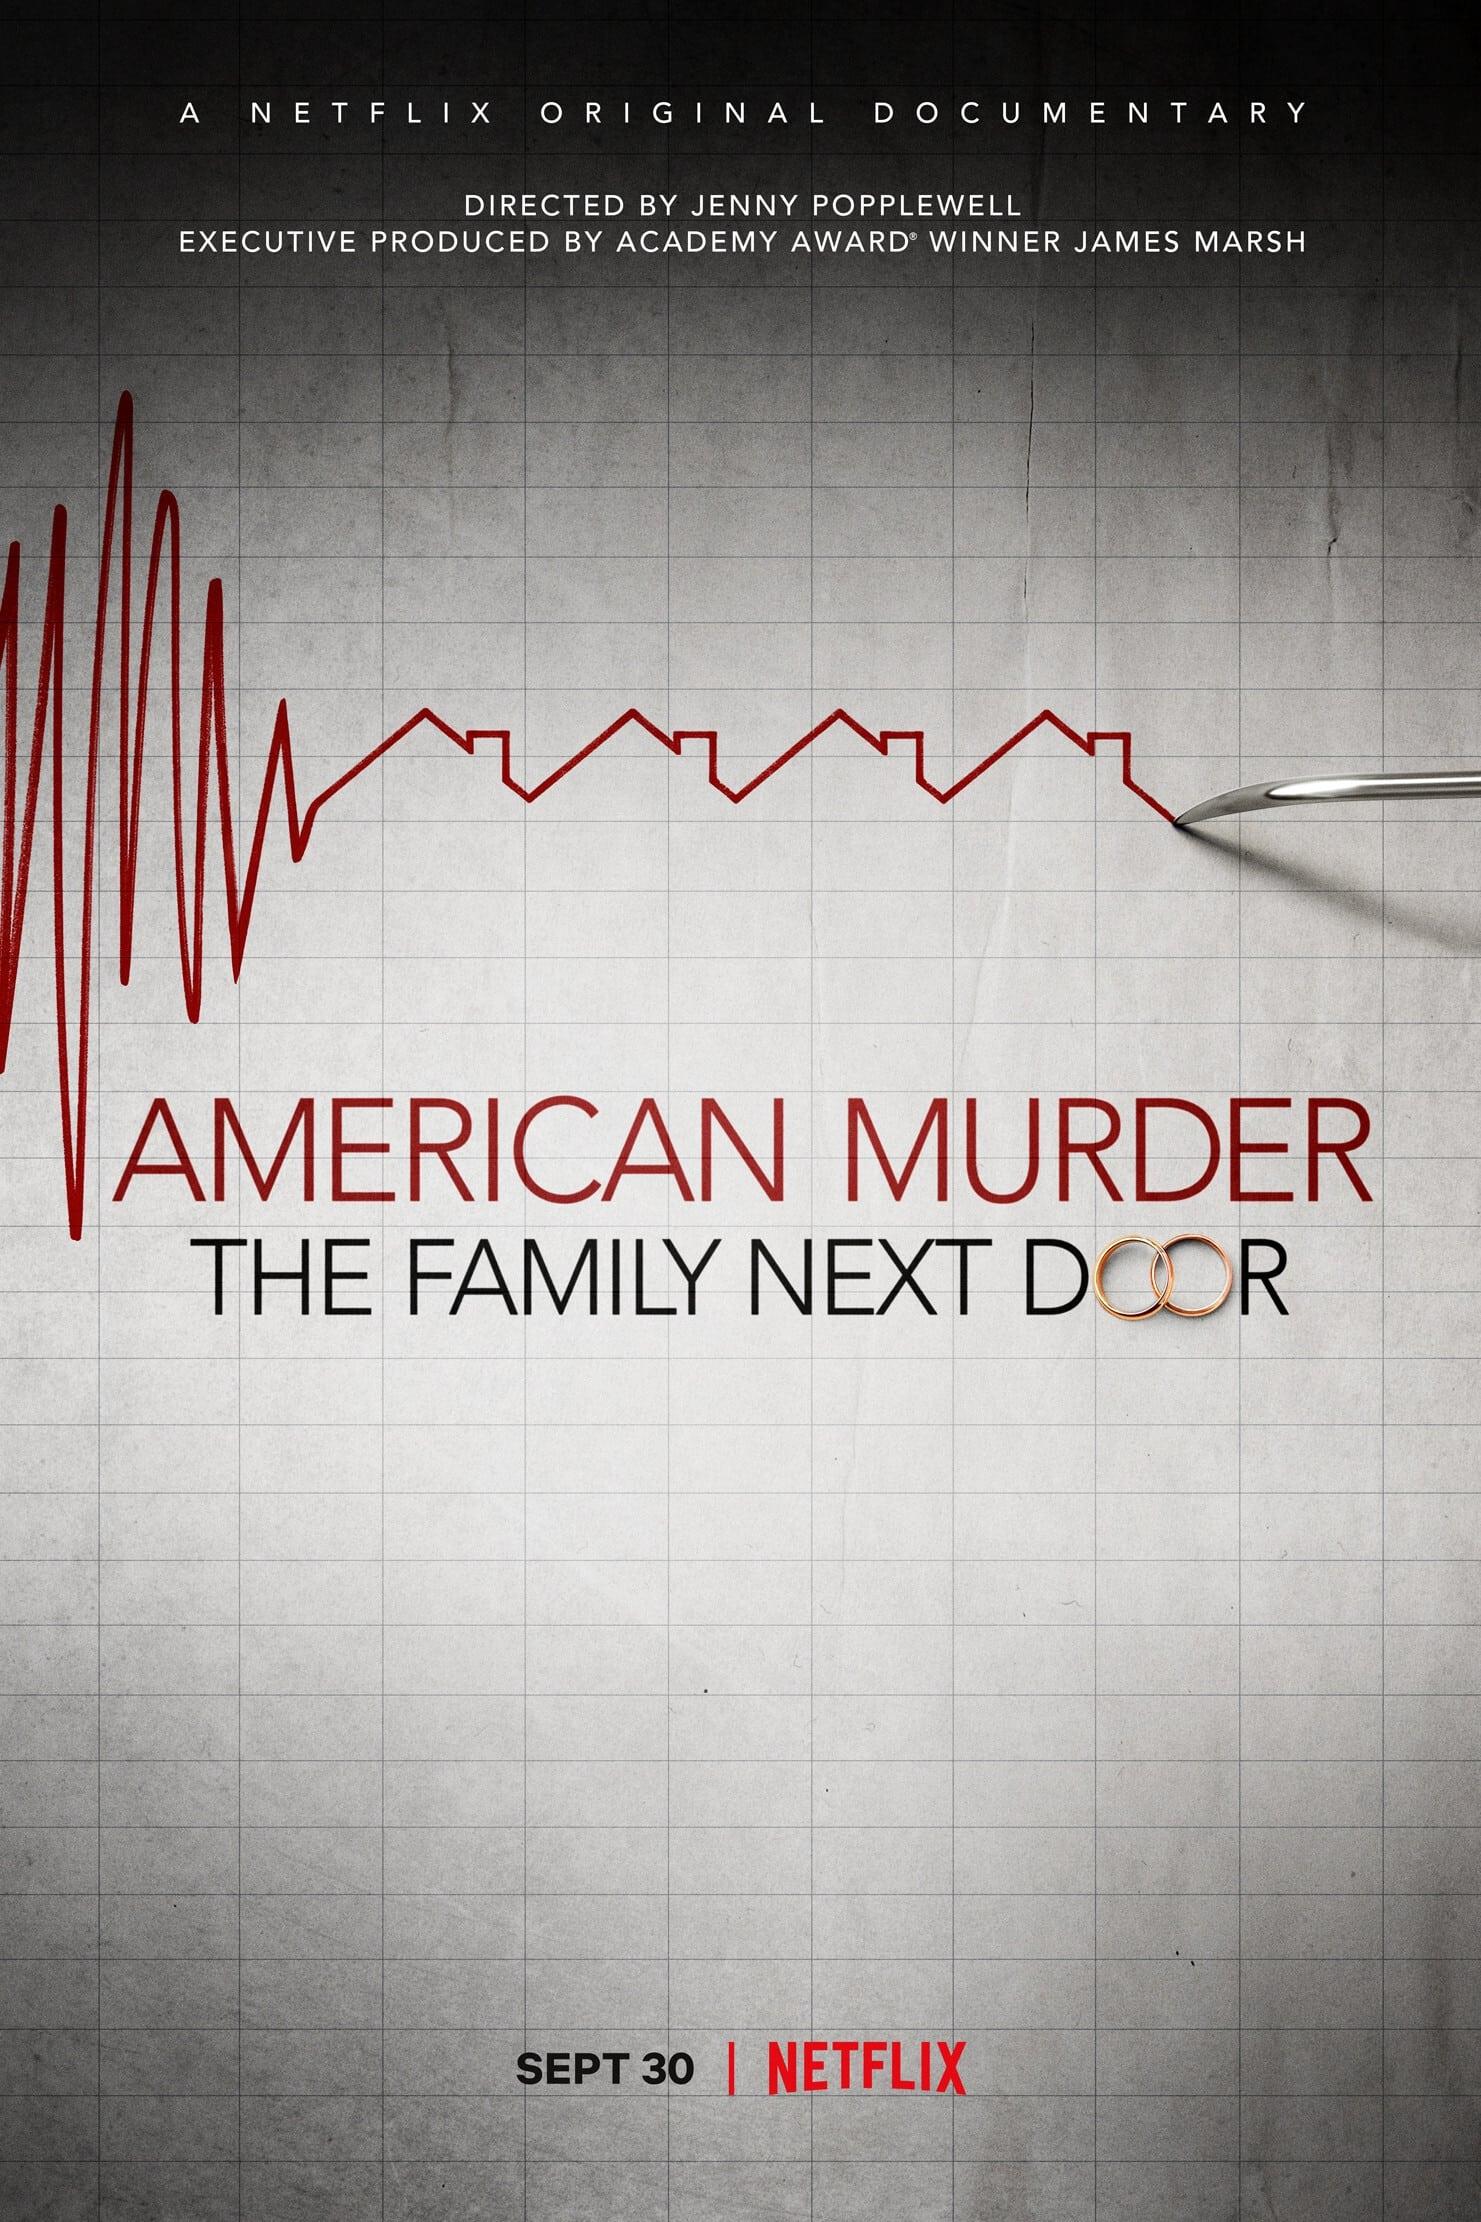 AMERICAN-MURDER-The-Family-Next-Door-2020-7689